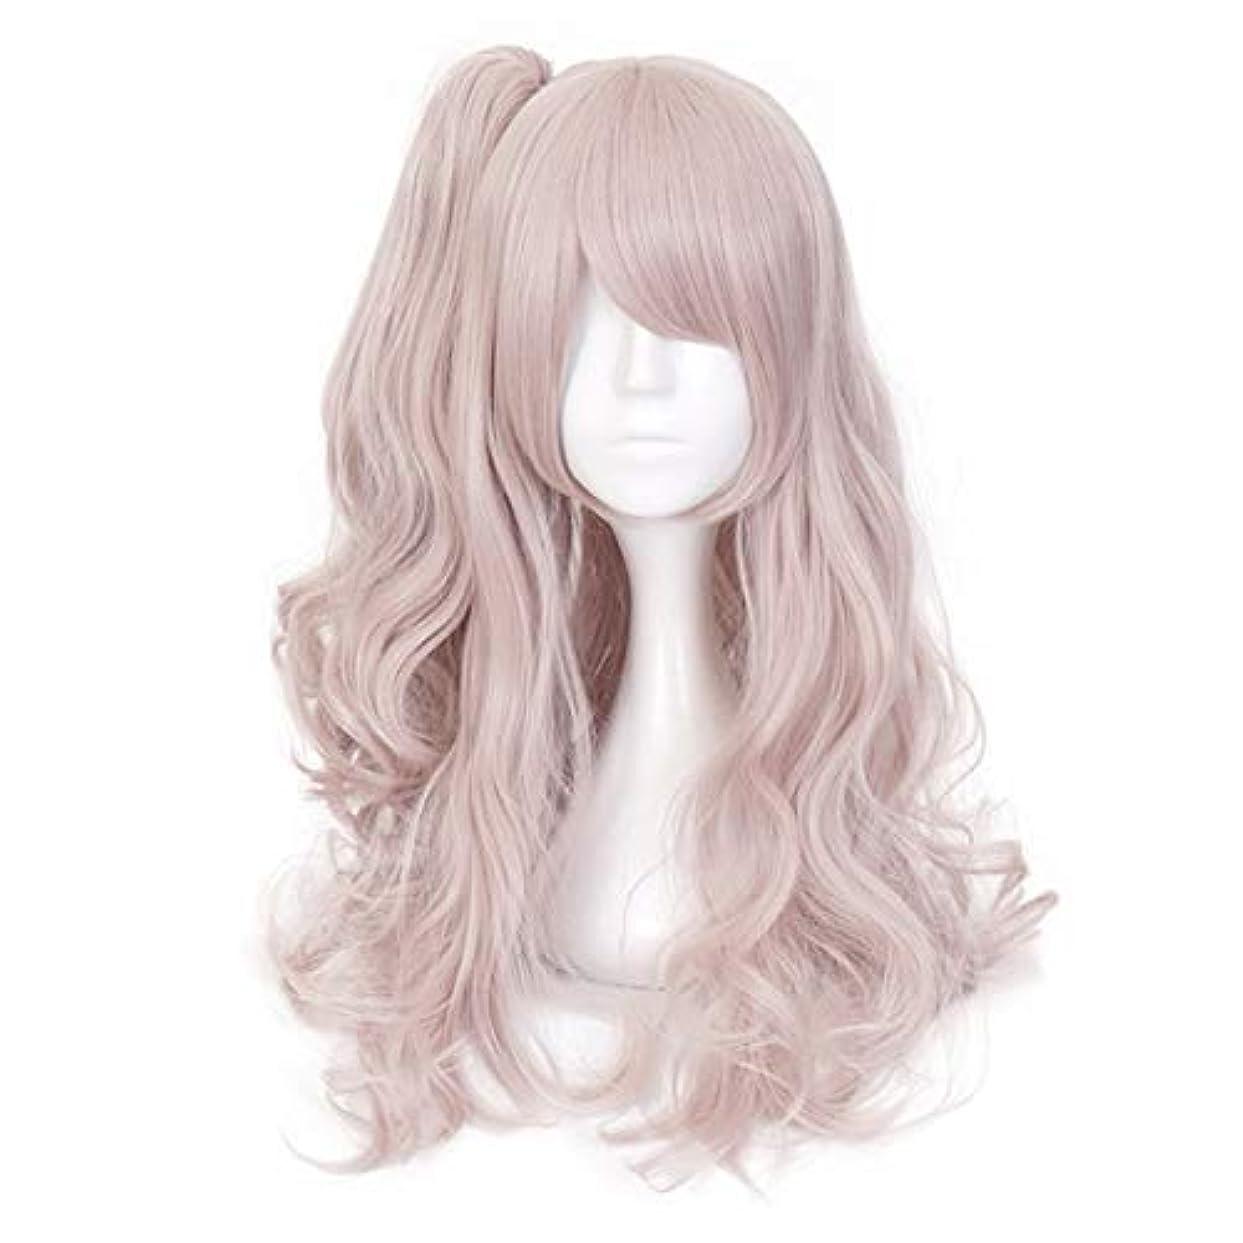 欠員引っ張るますますKoloeplf ロングカーリーグラデーションピンクラブリーガールコスプレウィッグフル人工毛アニメヘア (Color : Pink)